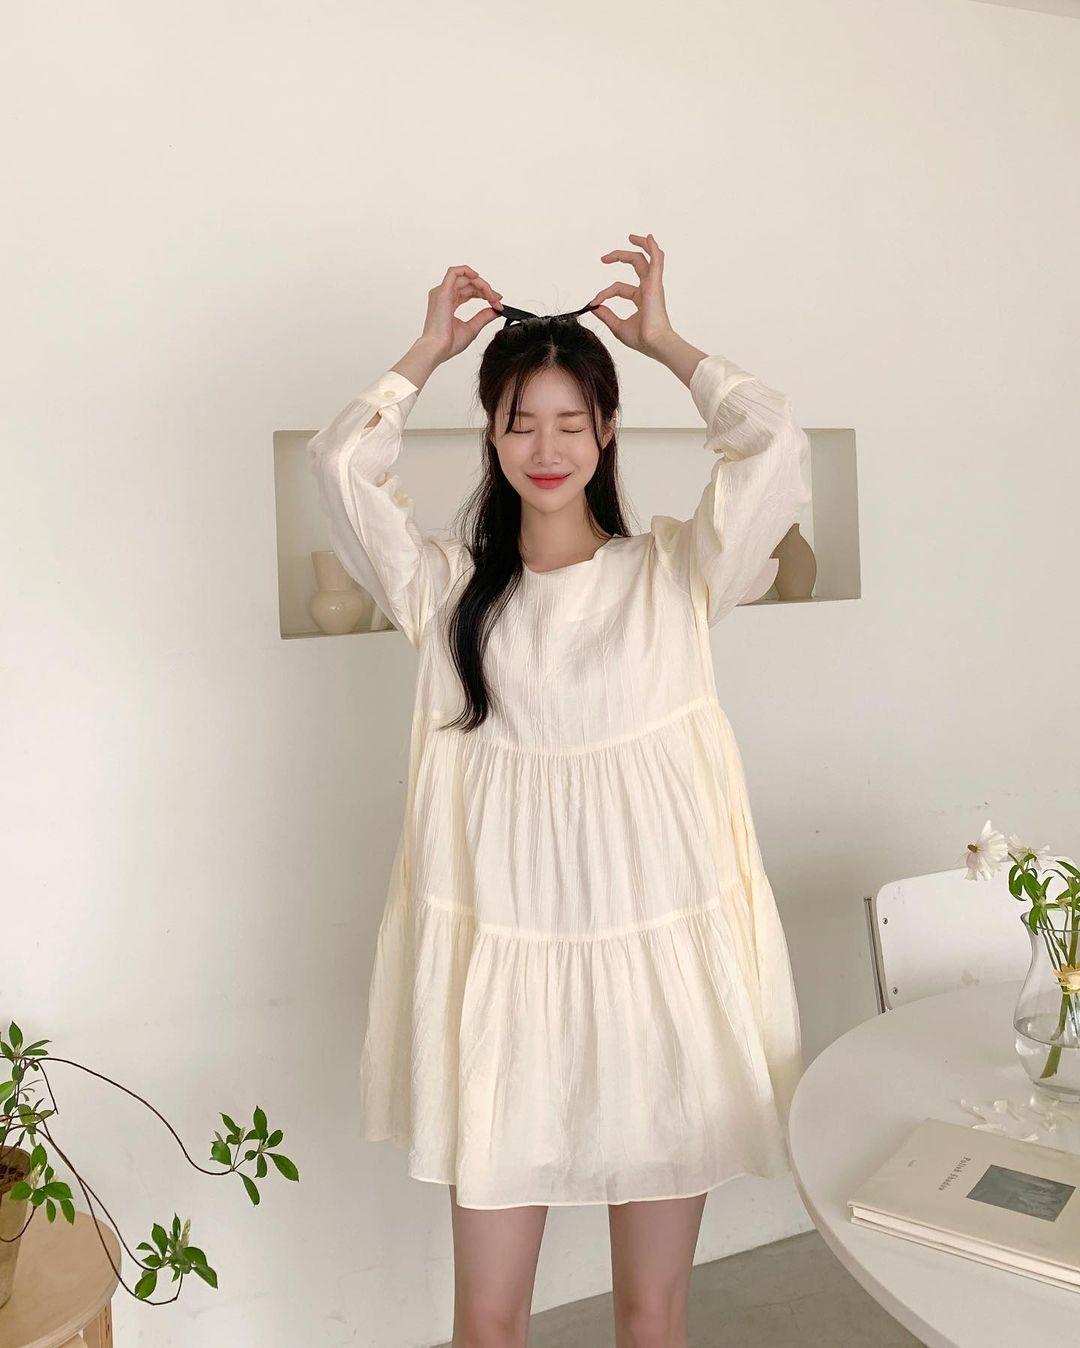 Hè đến là gái Hàn lại diện đủ kiểu váy trắng siêu trẻ xinh và tinh tế, xem mà muốn sắm cả 'lố' về nhà - Ảnh 13